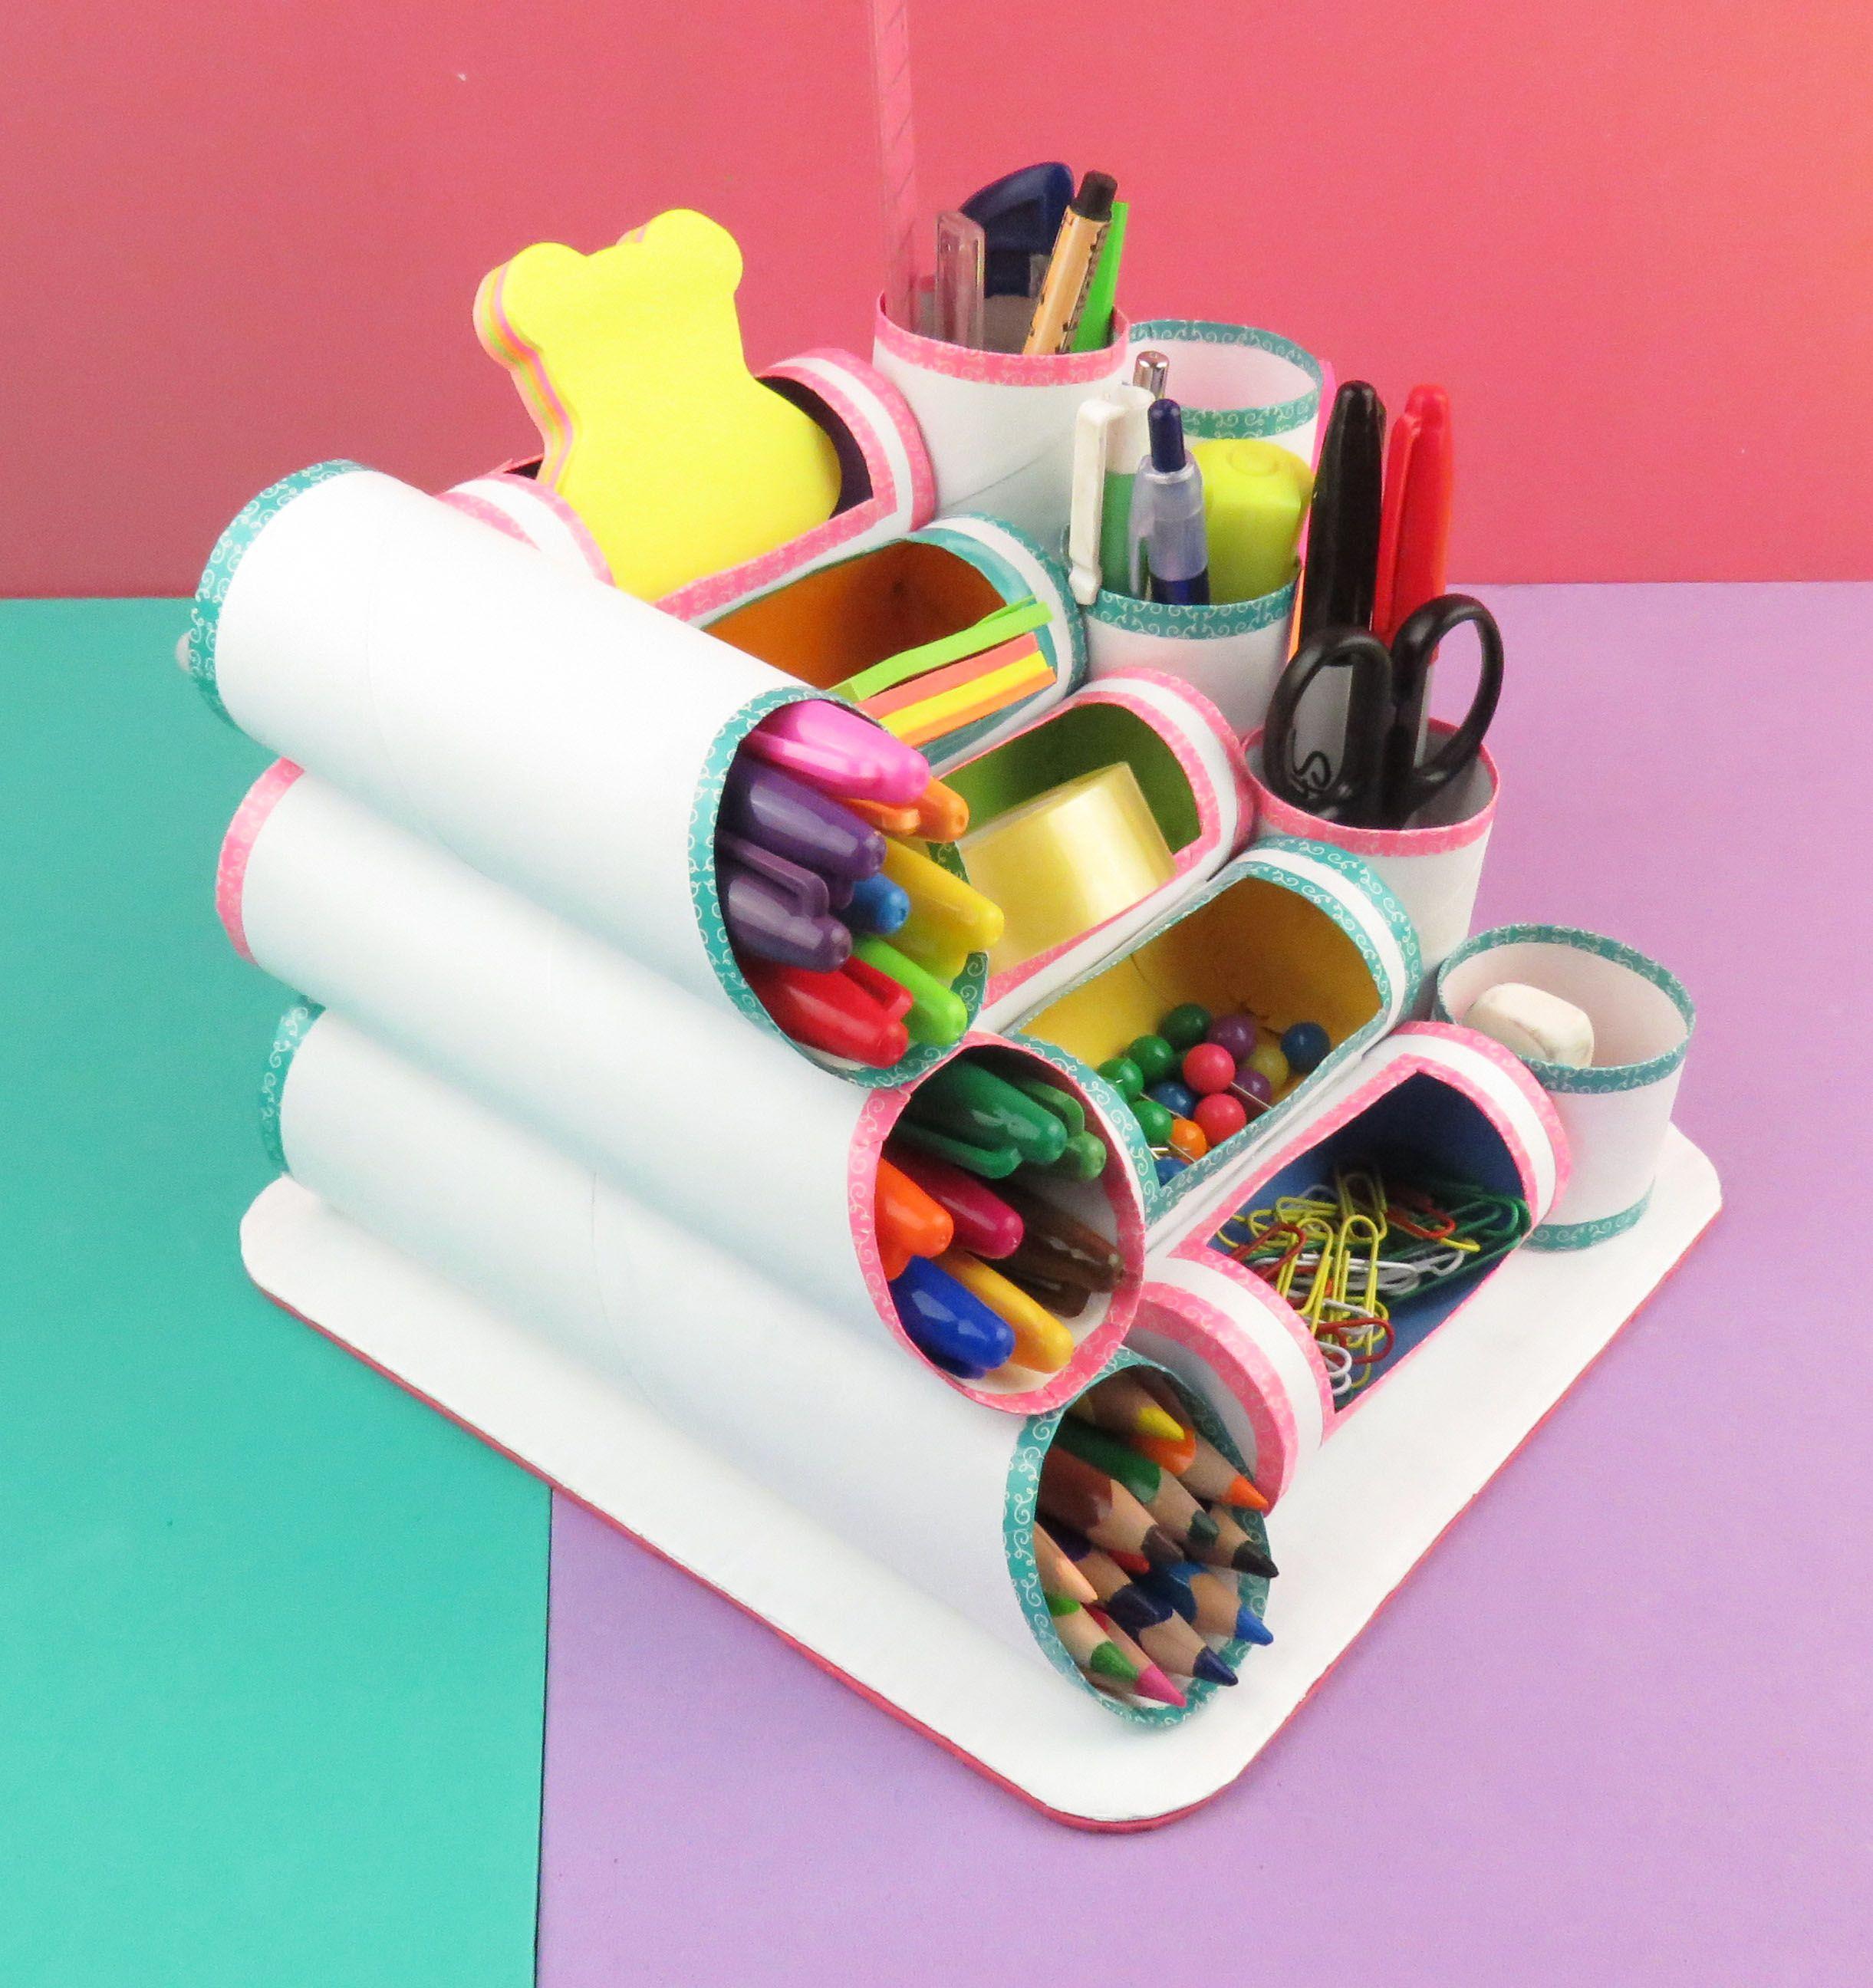 Mini organizador con rollos de papel higi nico o cocina for Trabajos artesanales para hacer en casa